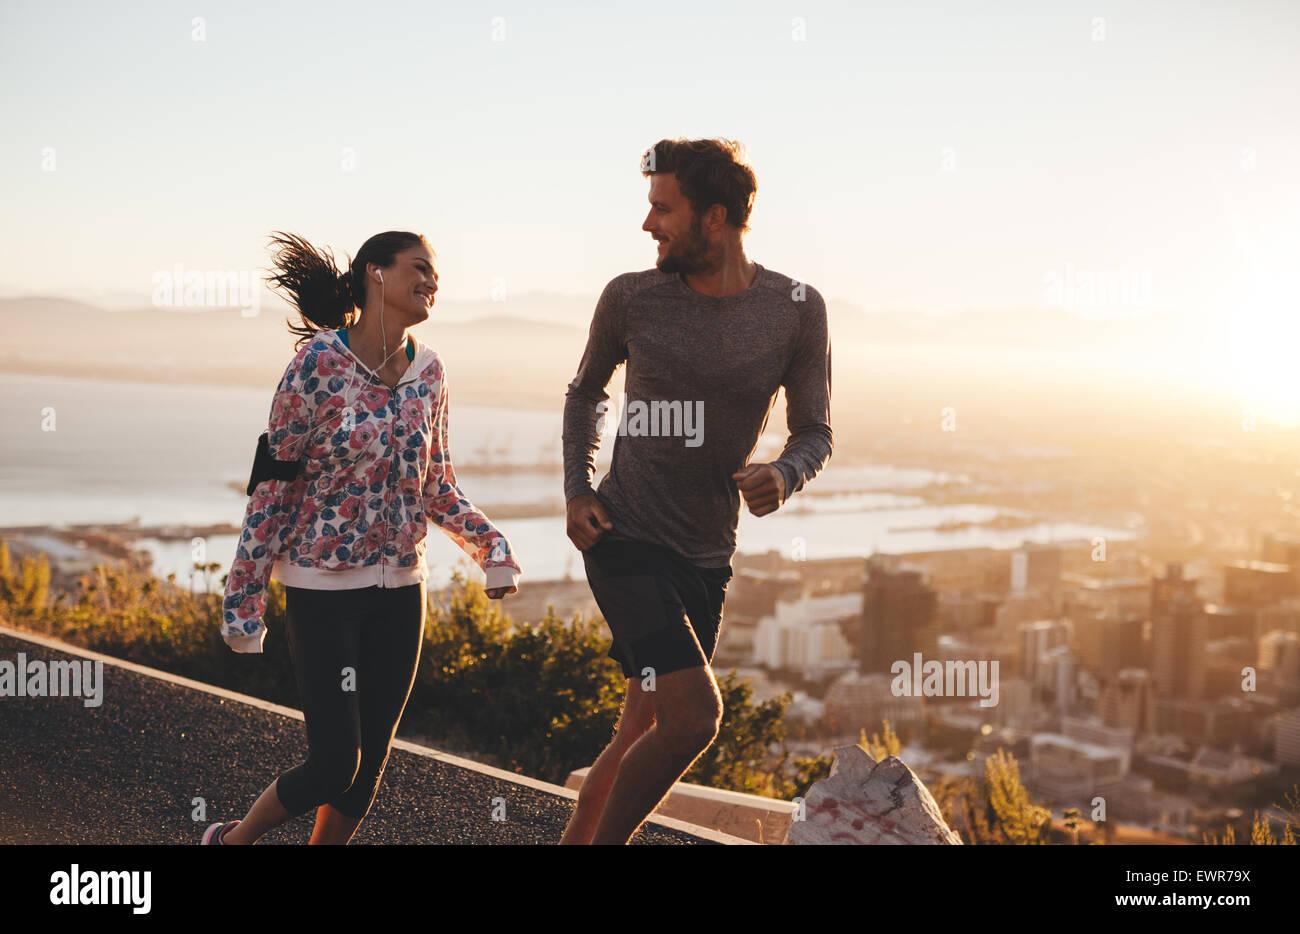 Junges Paar laufen zusammen im Freien. Glücklicher junger Mann und Frau, Joggen auf Landstraße bei Sonnenaufgang. Stockbild